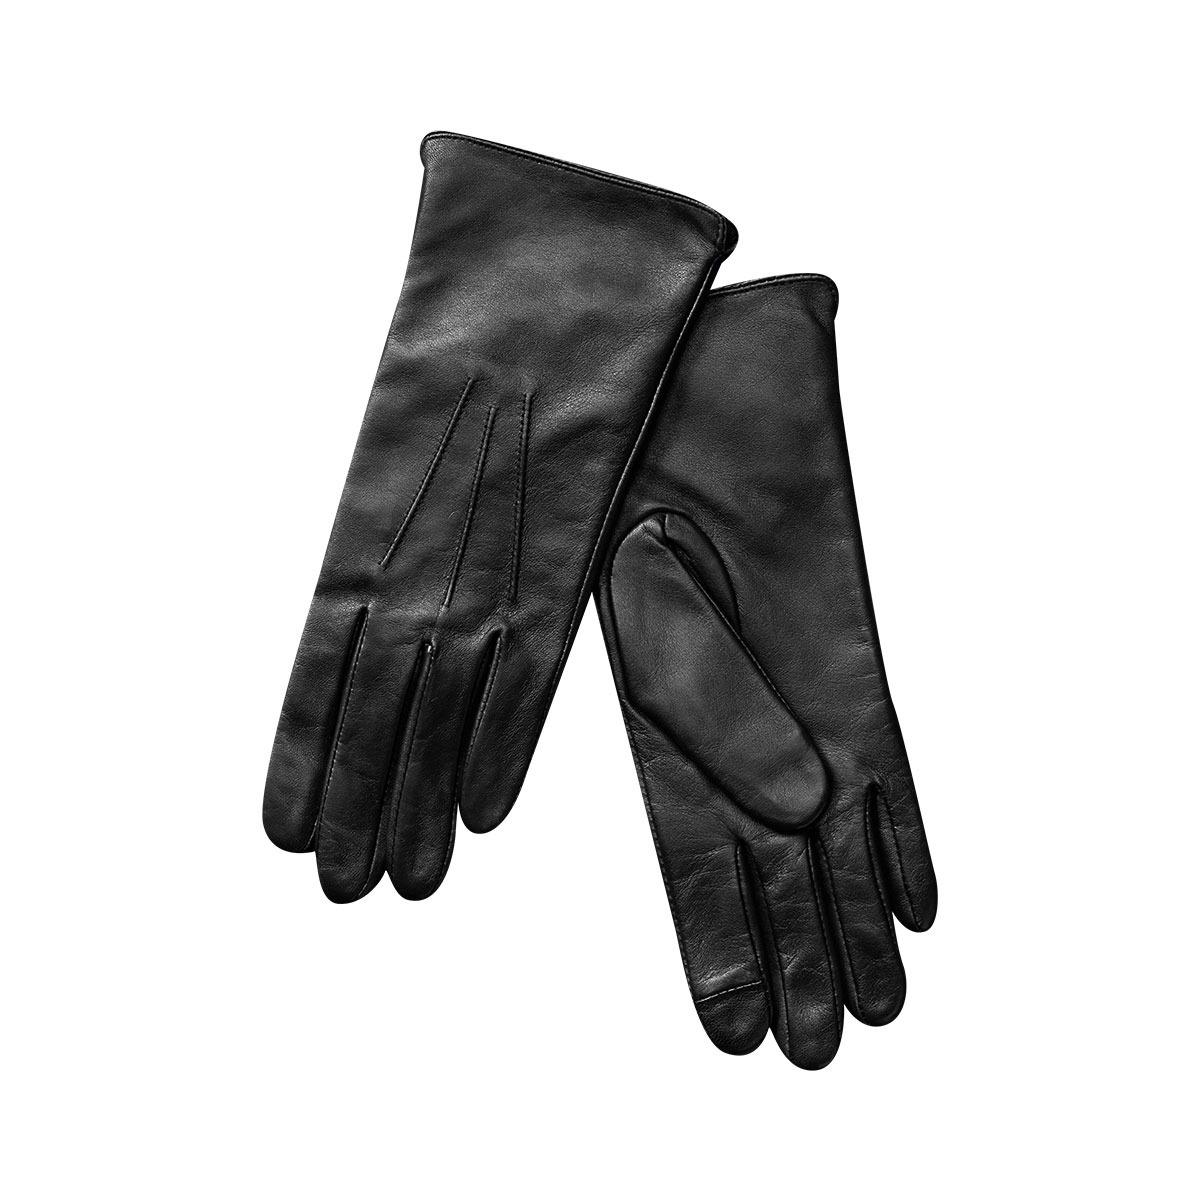 gap gloves